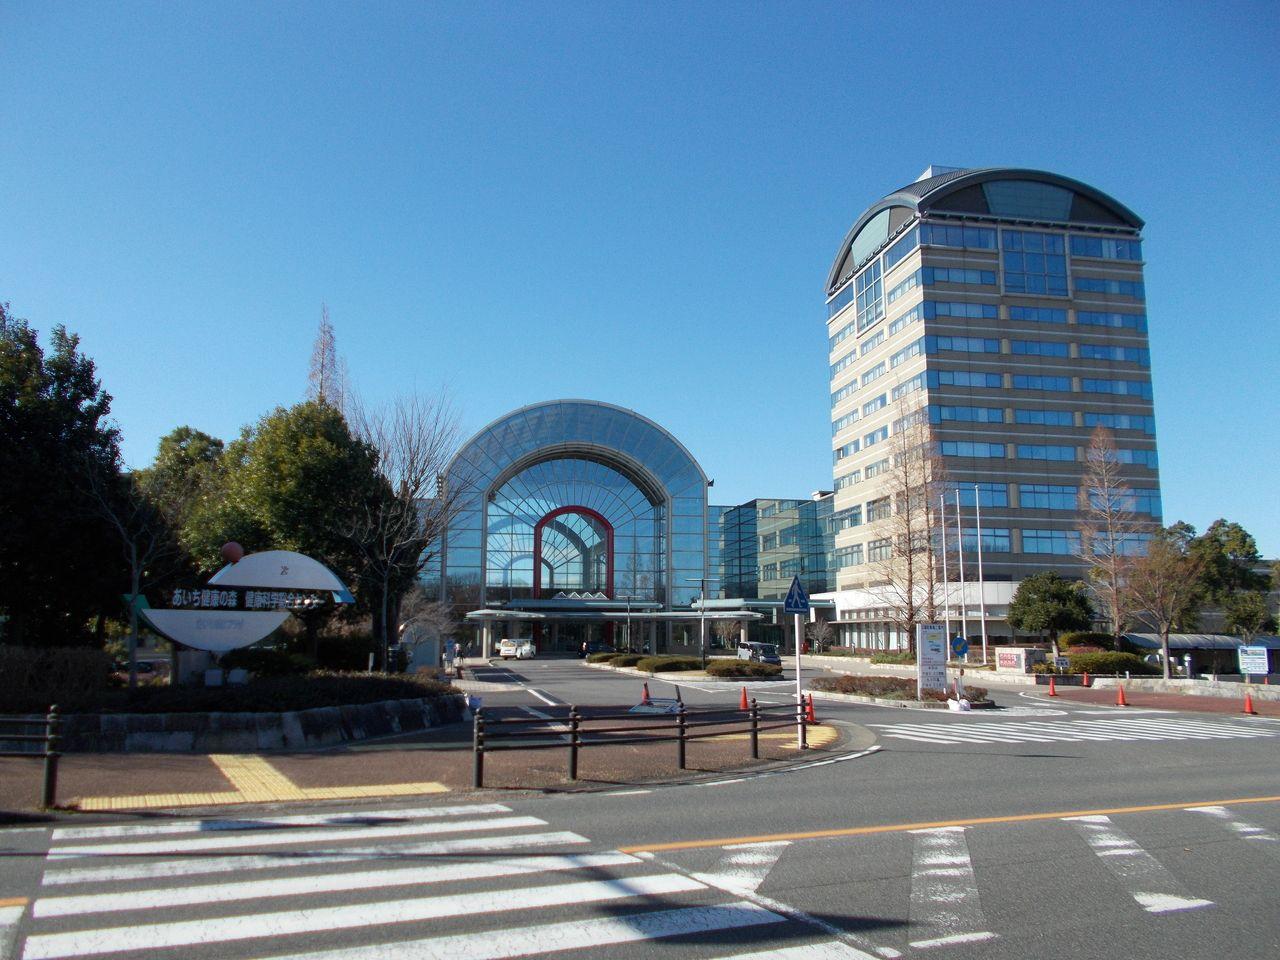 あいち健康プラザ―JR東海道本線大府駅間の運行バスがあります。